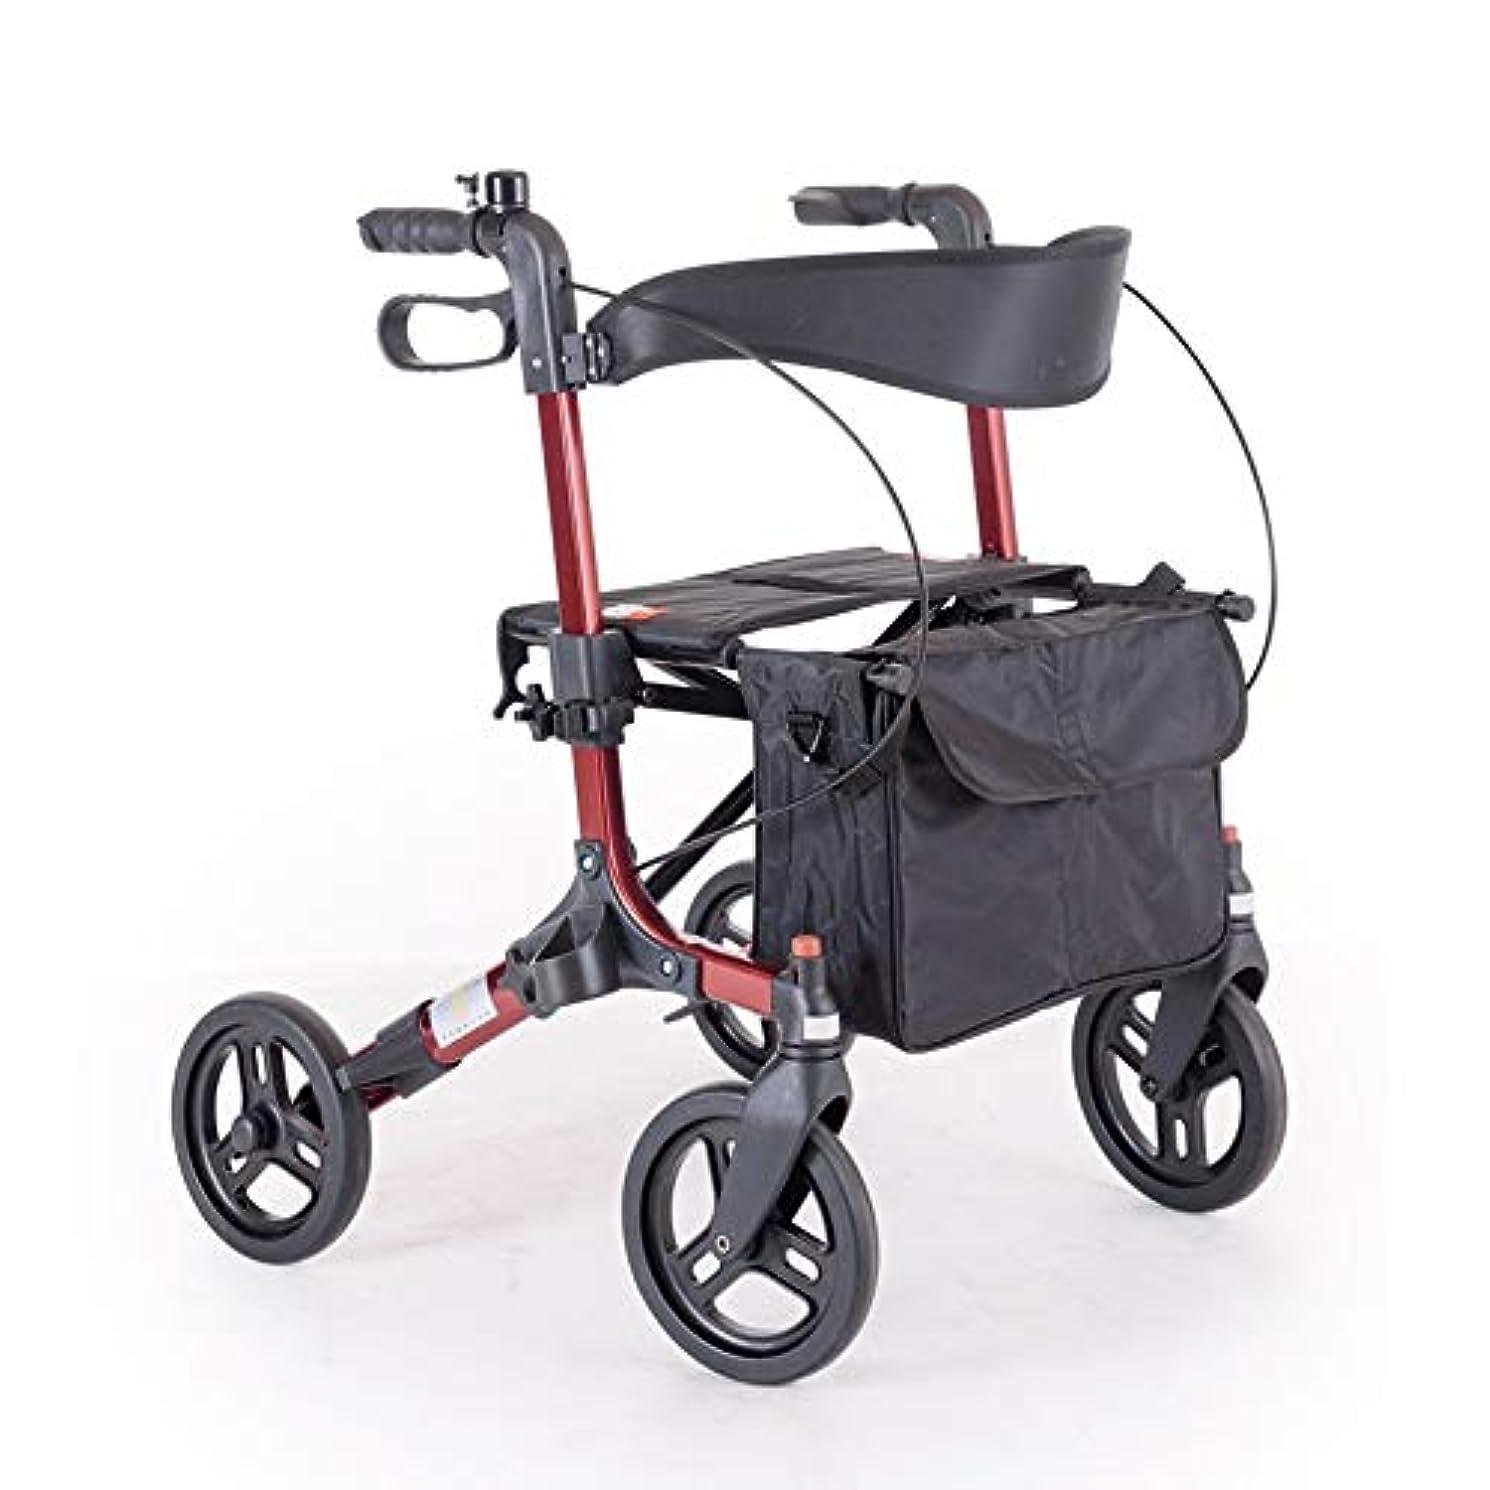 否定する蛾始める折り畳み式の軽量コンパクトな歩行器、シートとバッグ付き